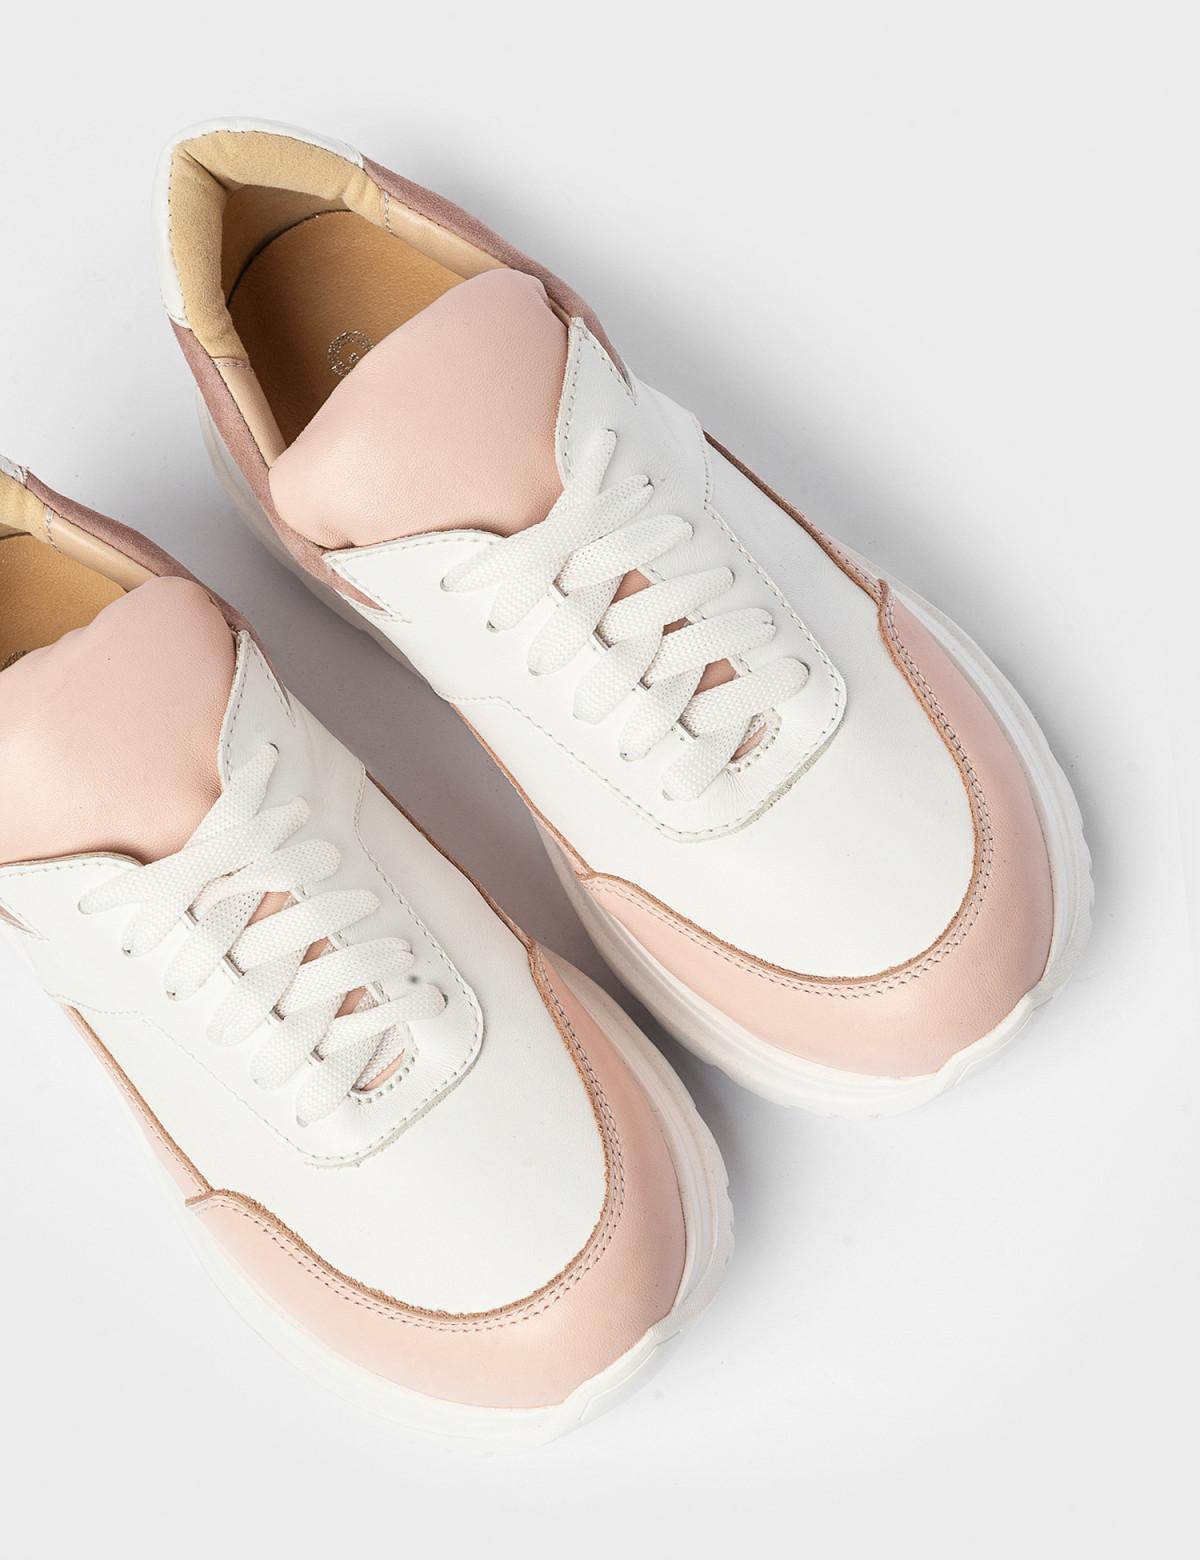 Кросівки білі\бежеві. Натуральна шкіра3